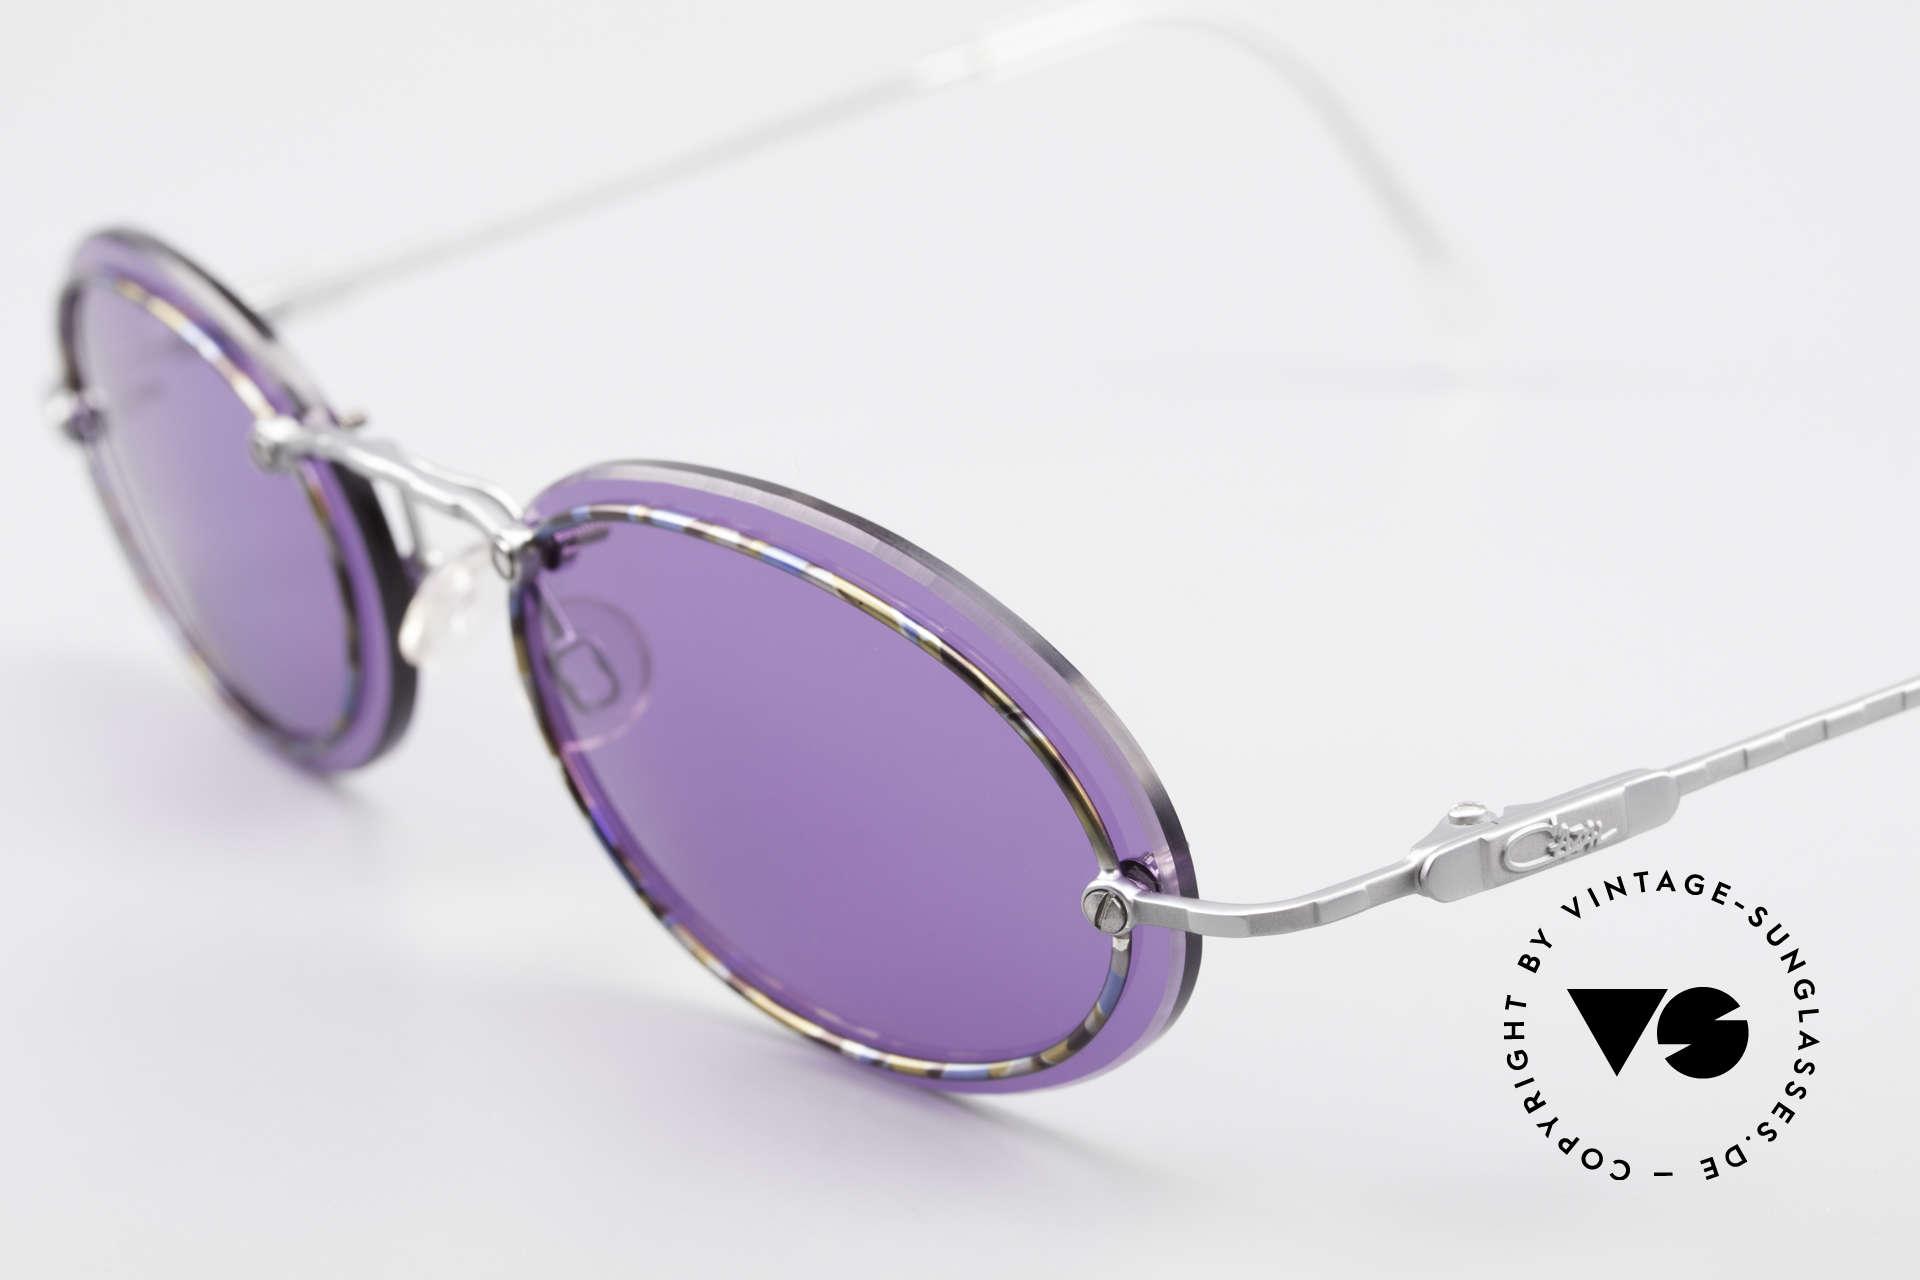 Cazal 770 Oval Vintage Sonnenbrille 90er, ungetragen (wie alle unsere vintage Designklassiker), Passend für Herren und Damen